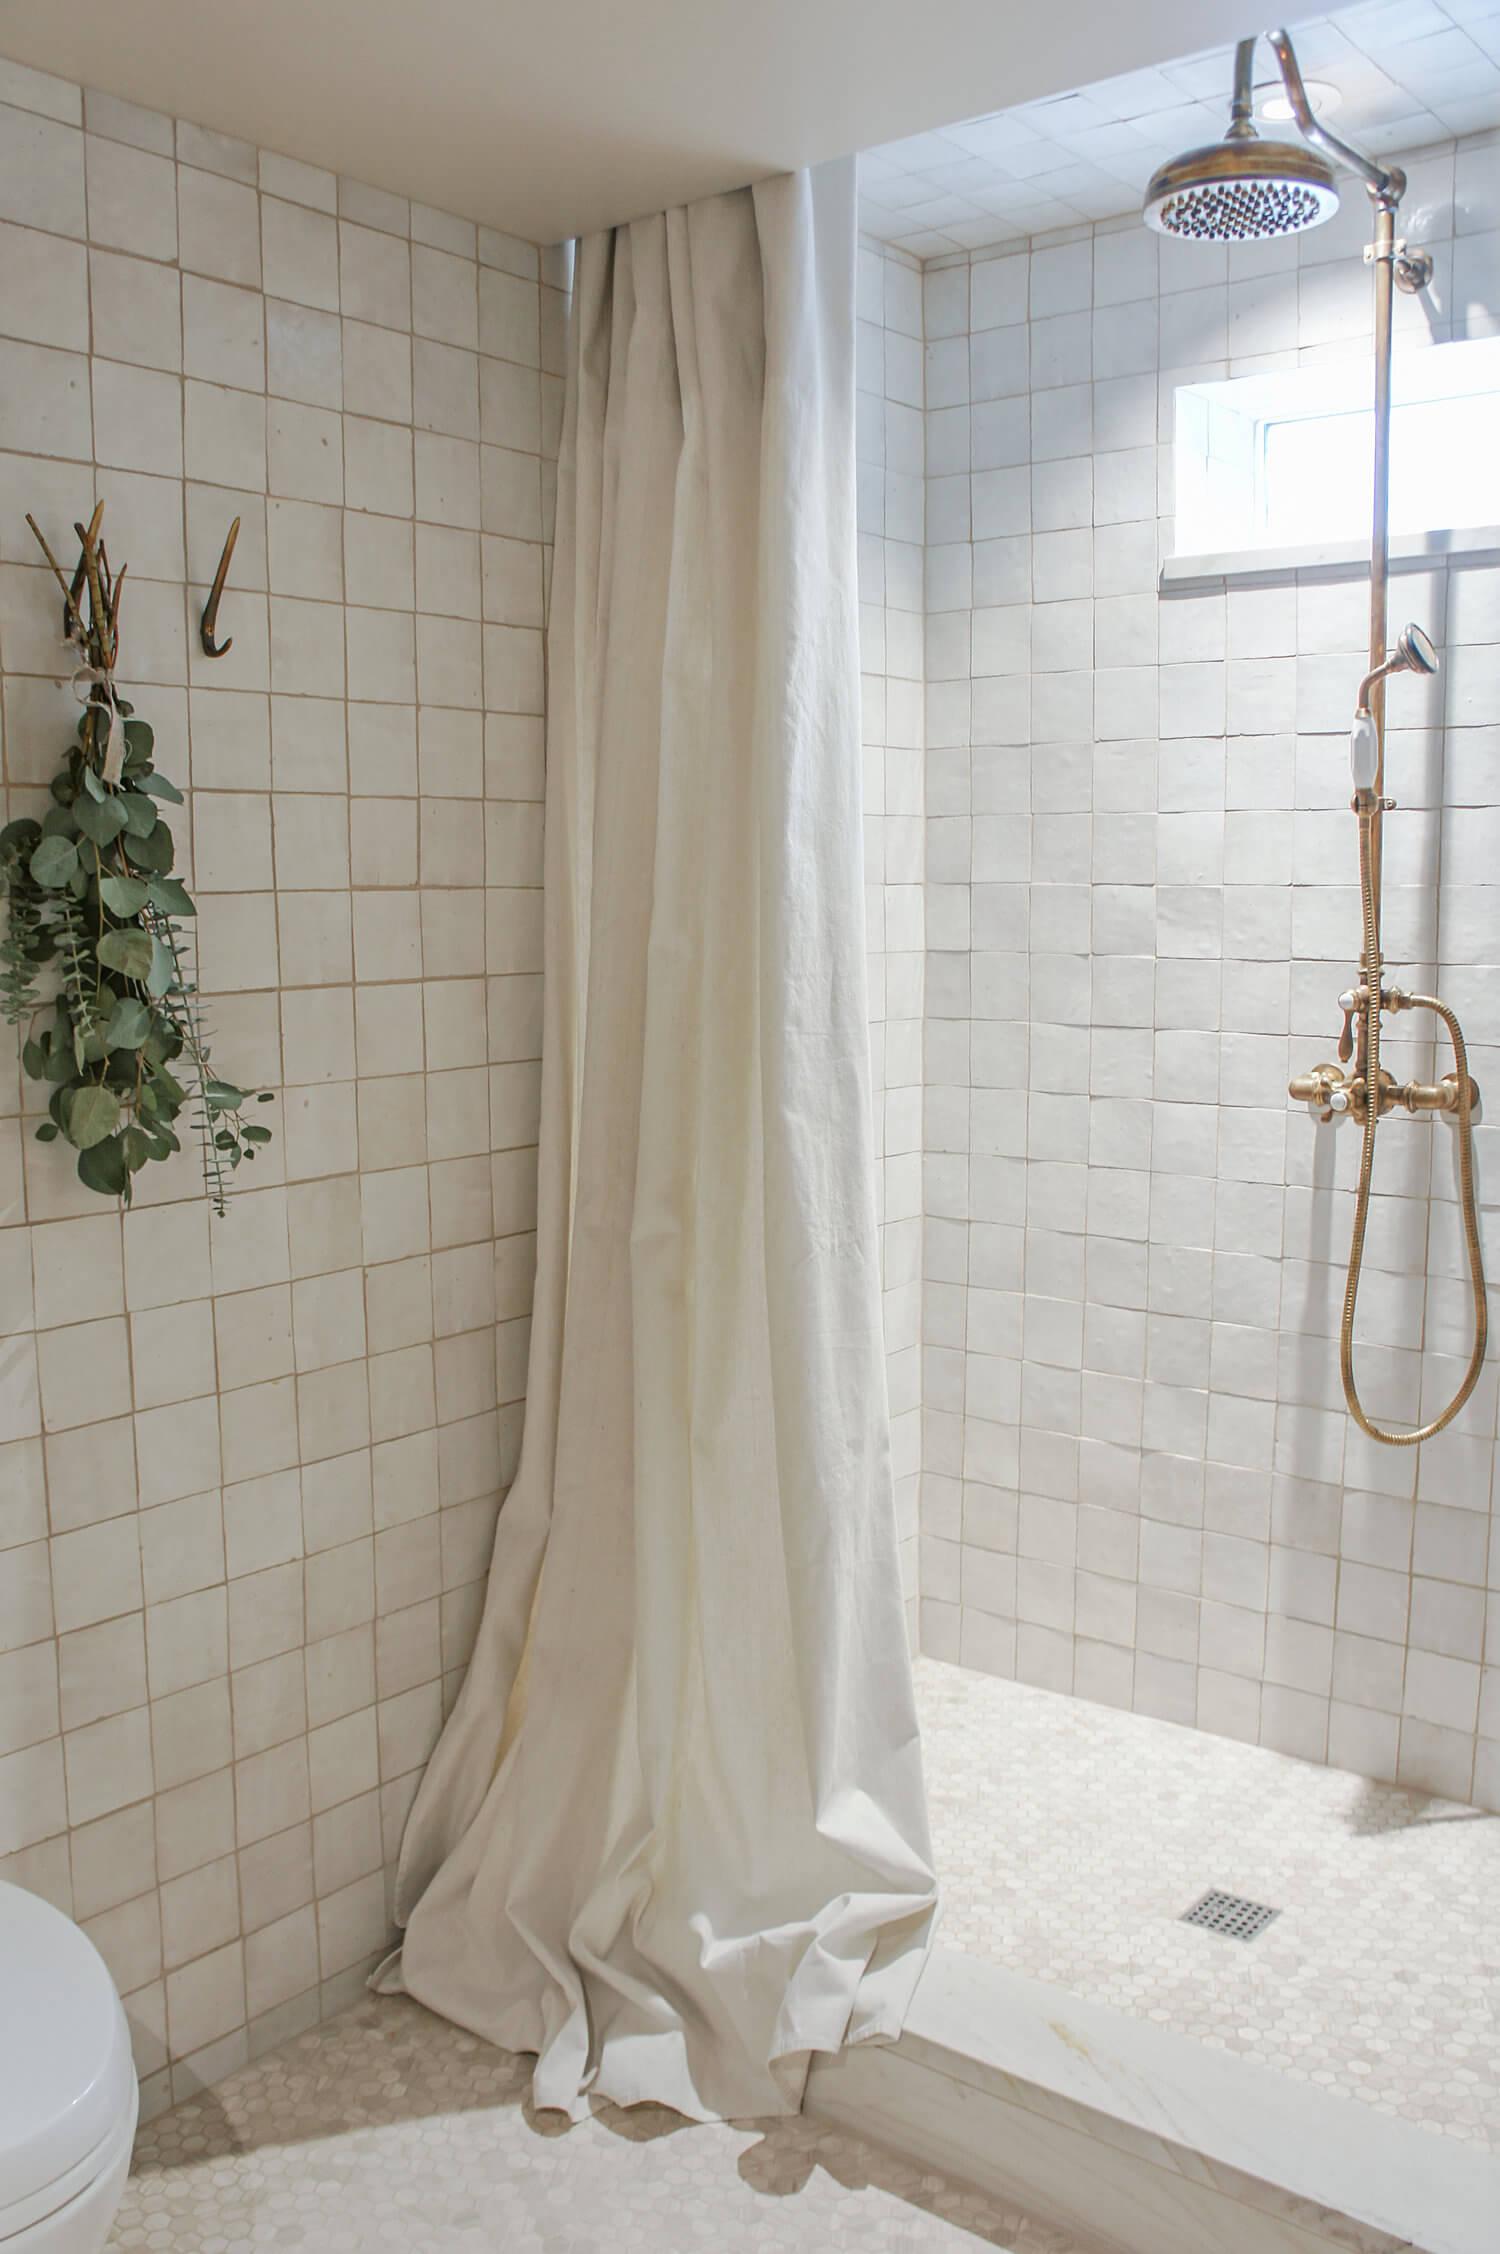 Faire Sa Salle De Bain une salle de bain minimaliste | salle de bain minimaliste